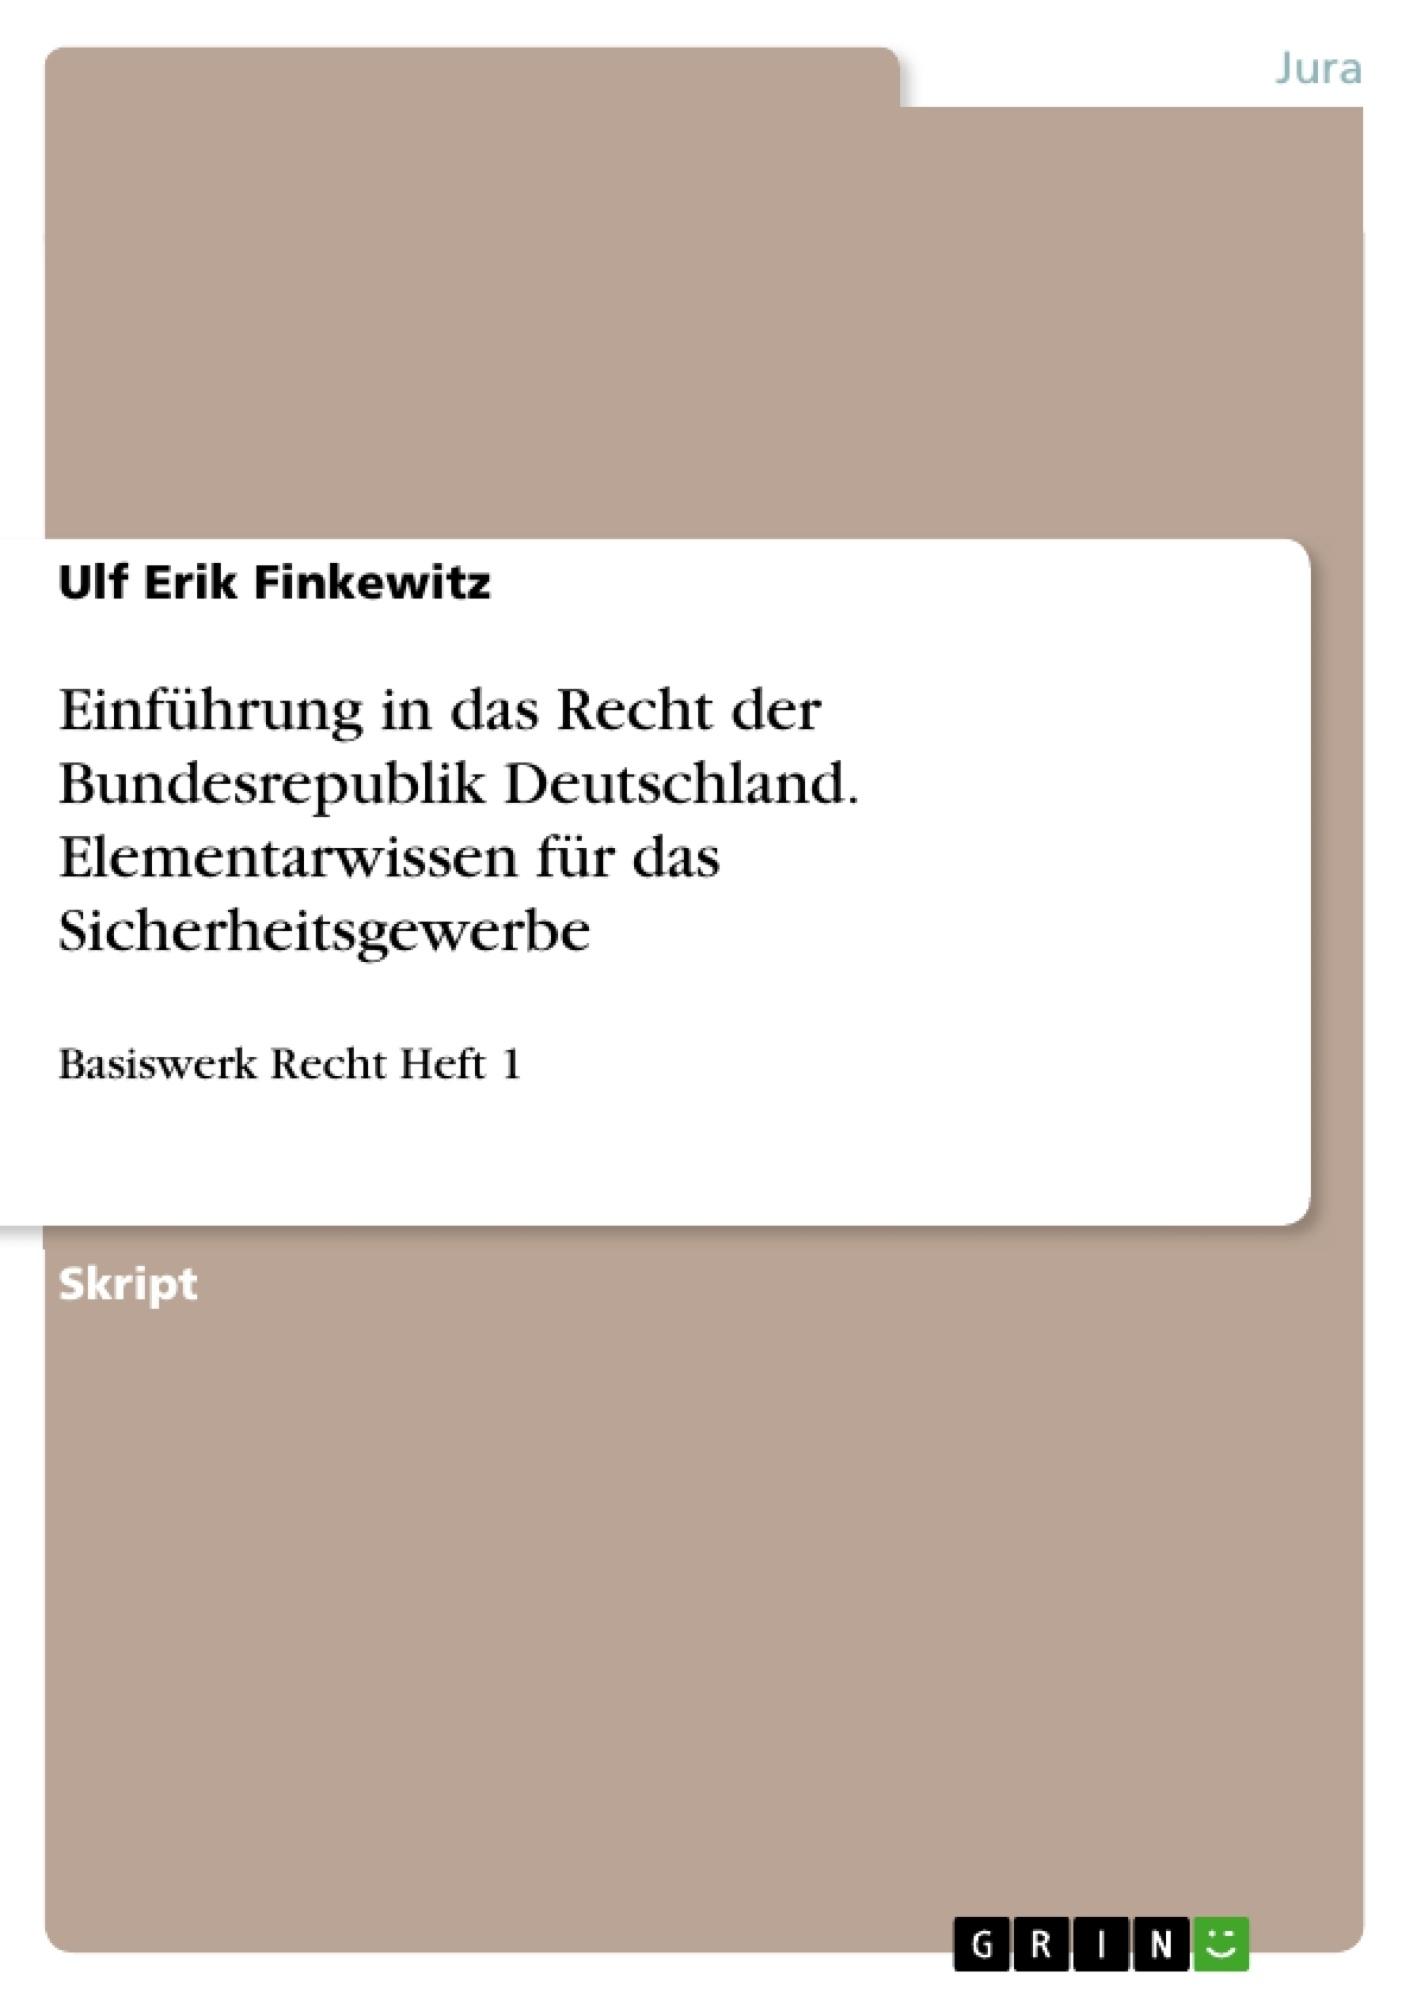 Titel: Einführung in das Recht der Bundesrepublik Deutschland. Elementarwissen für das Sicherheitsgewerbe